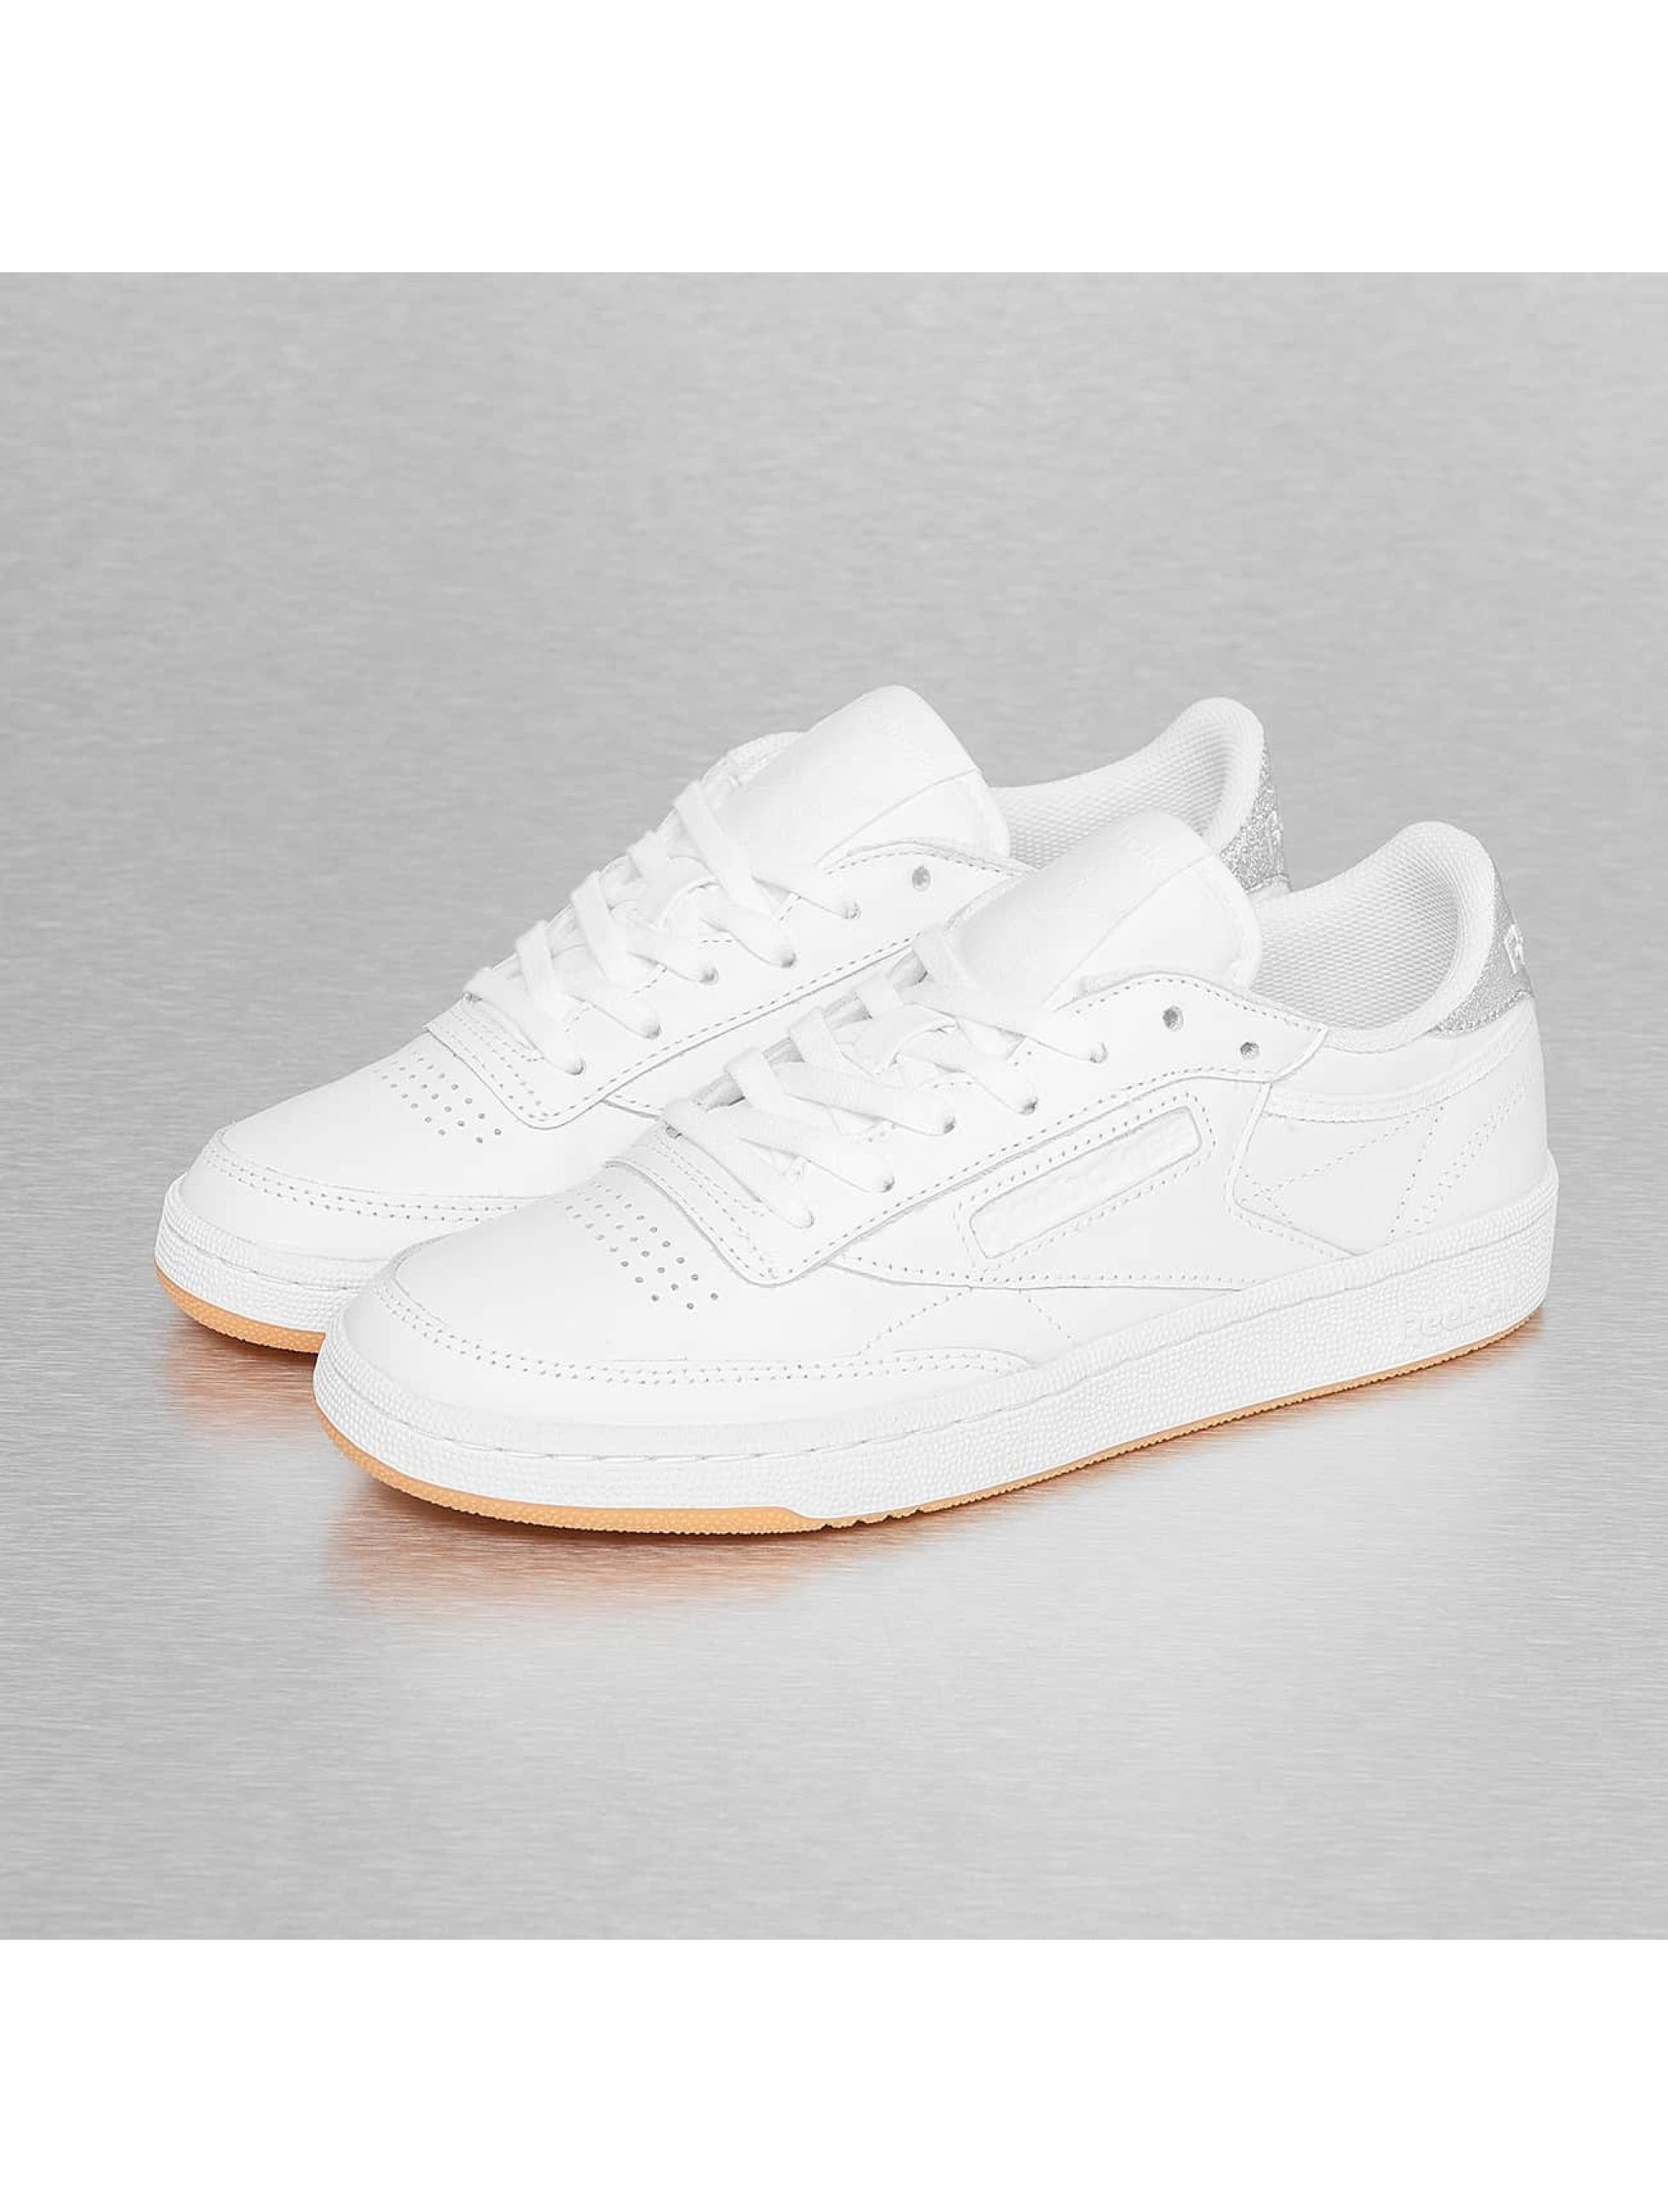 Reebok Frauen Sneaker Club C 85 Diamond in weiß